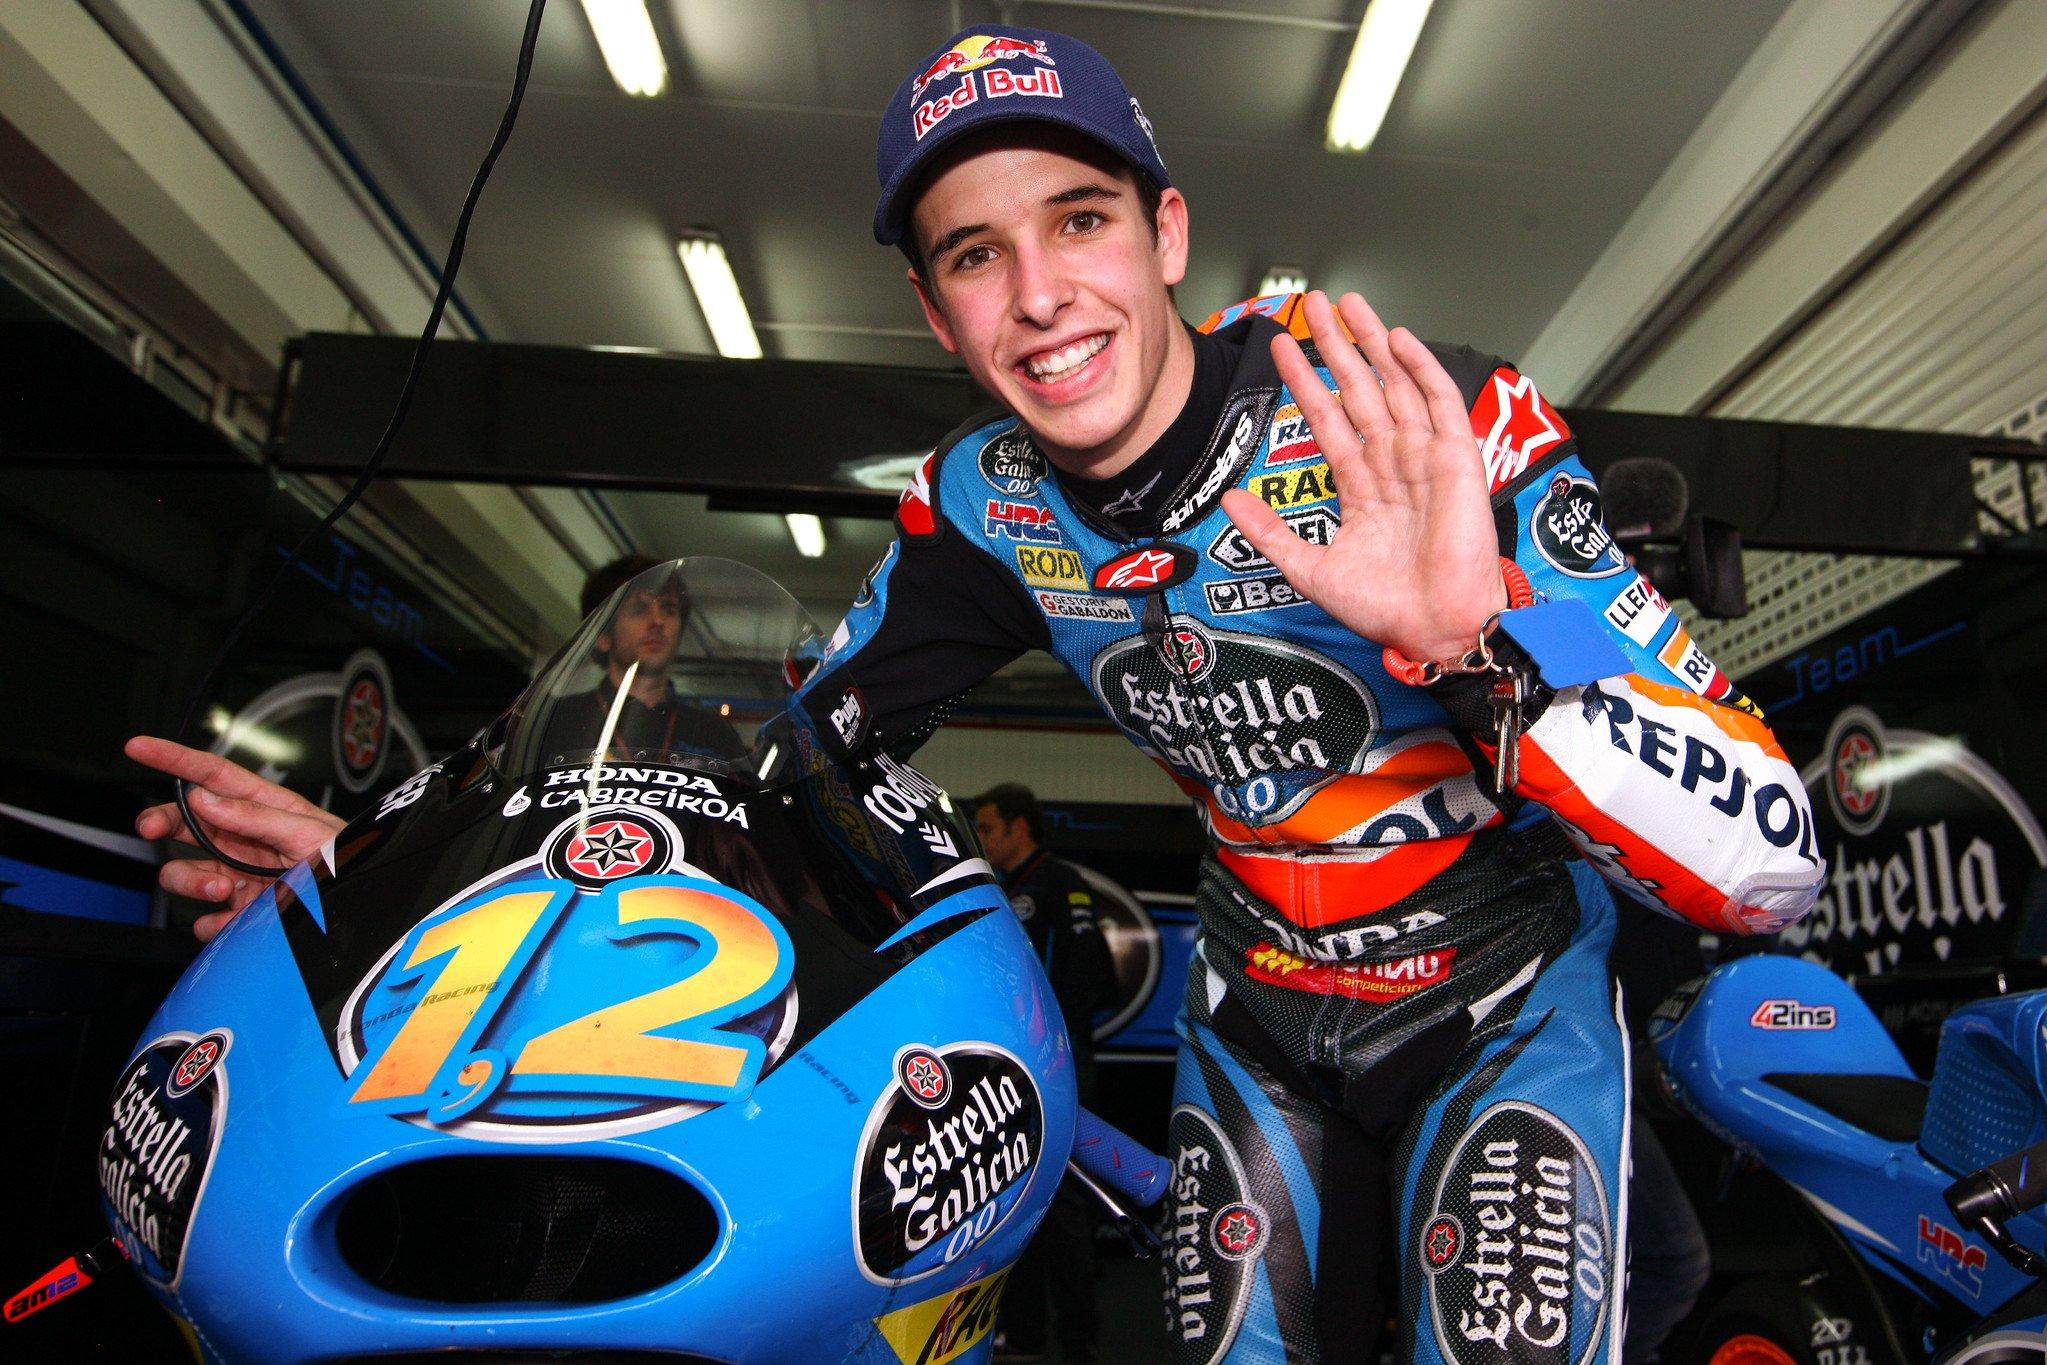 Álex Márquez, spanischer Motorradrennfahrer